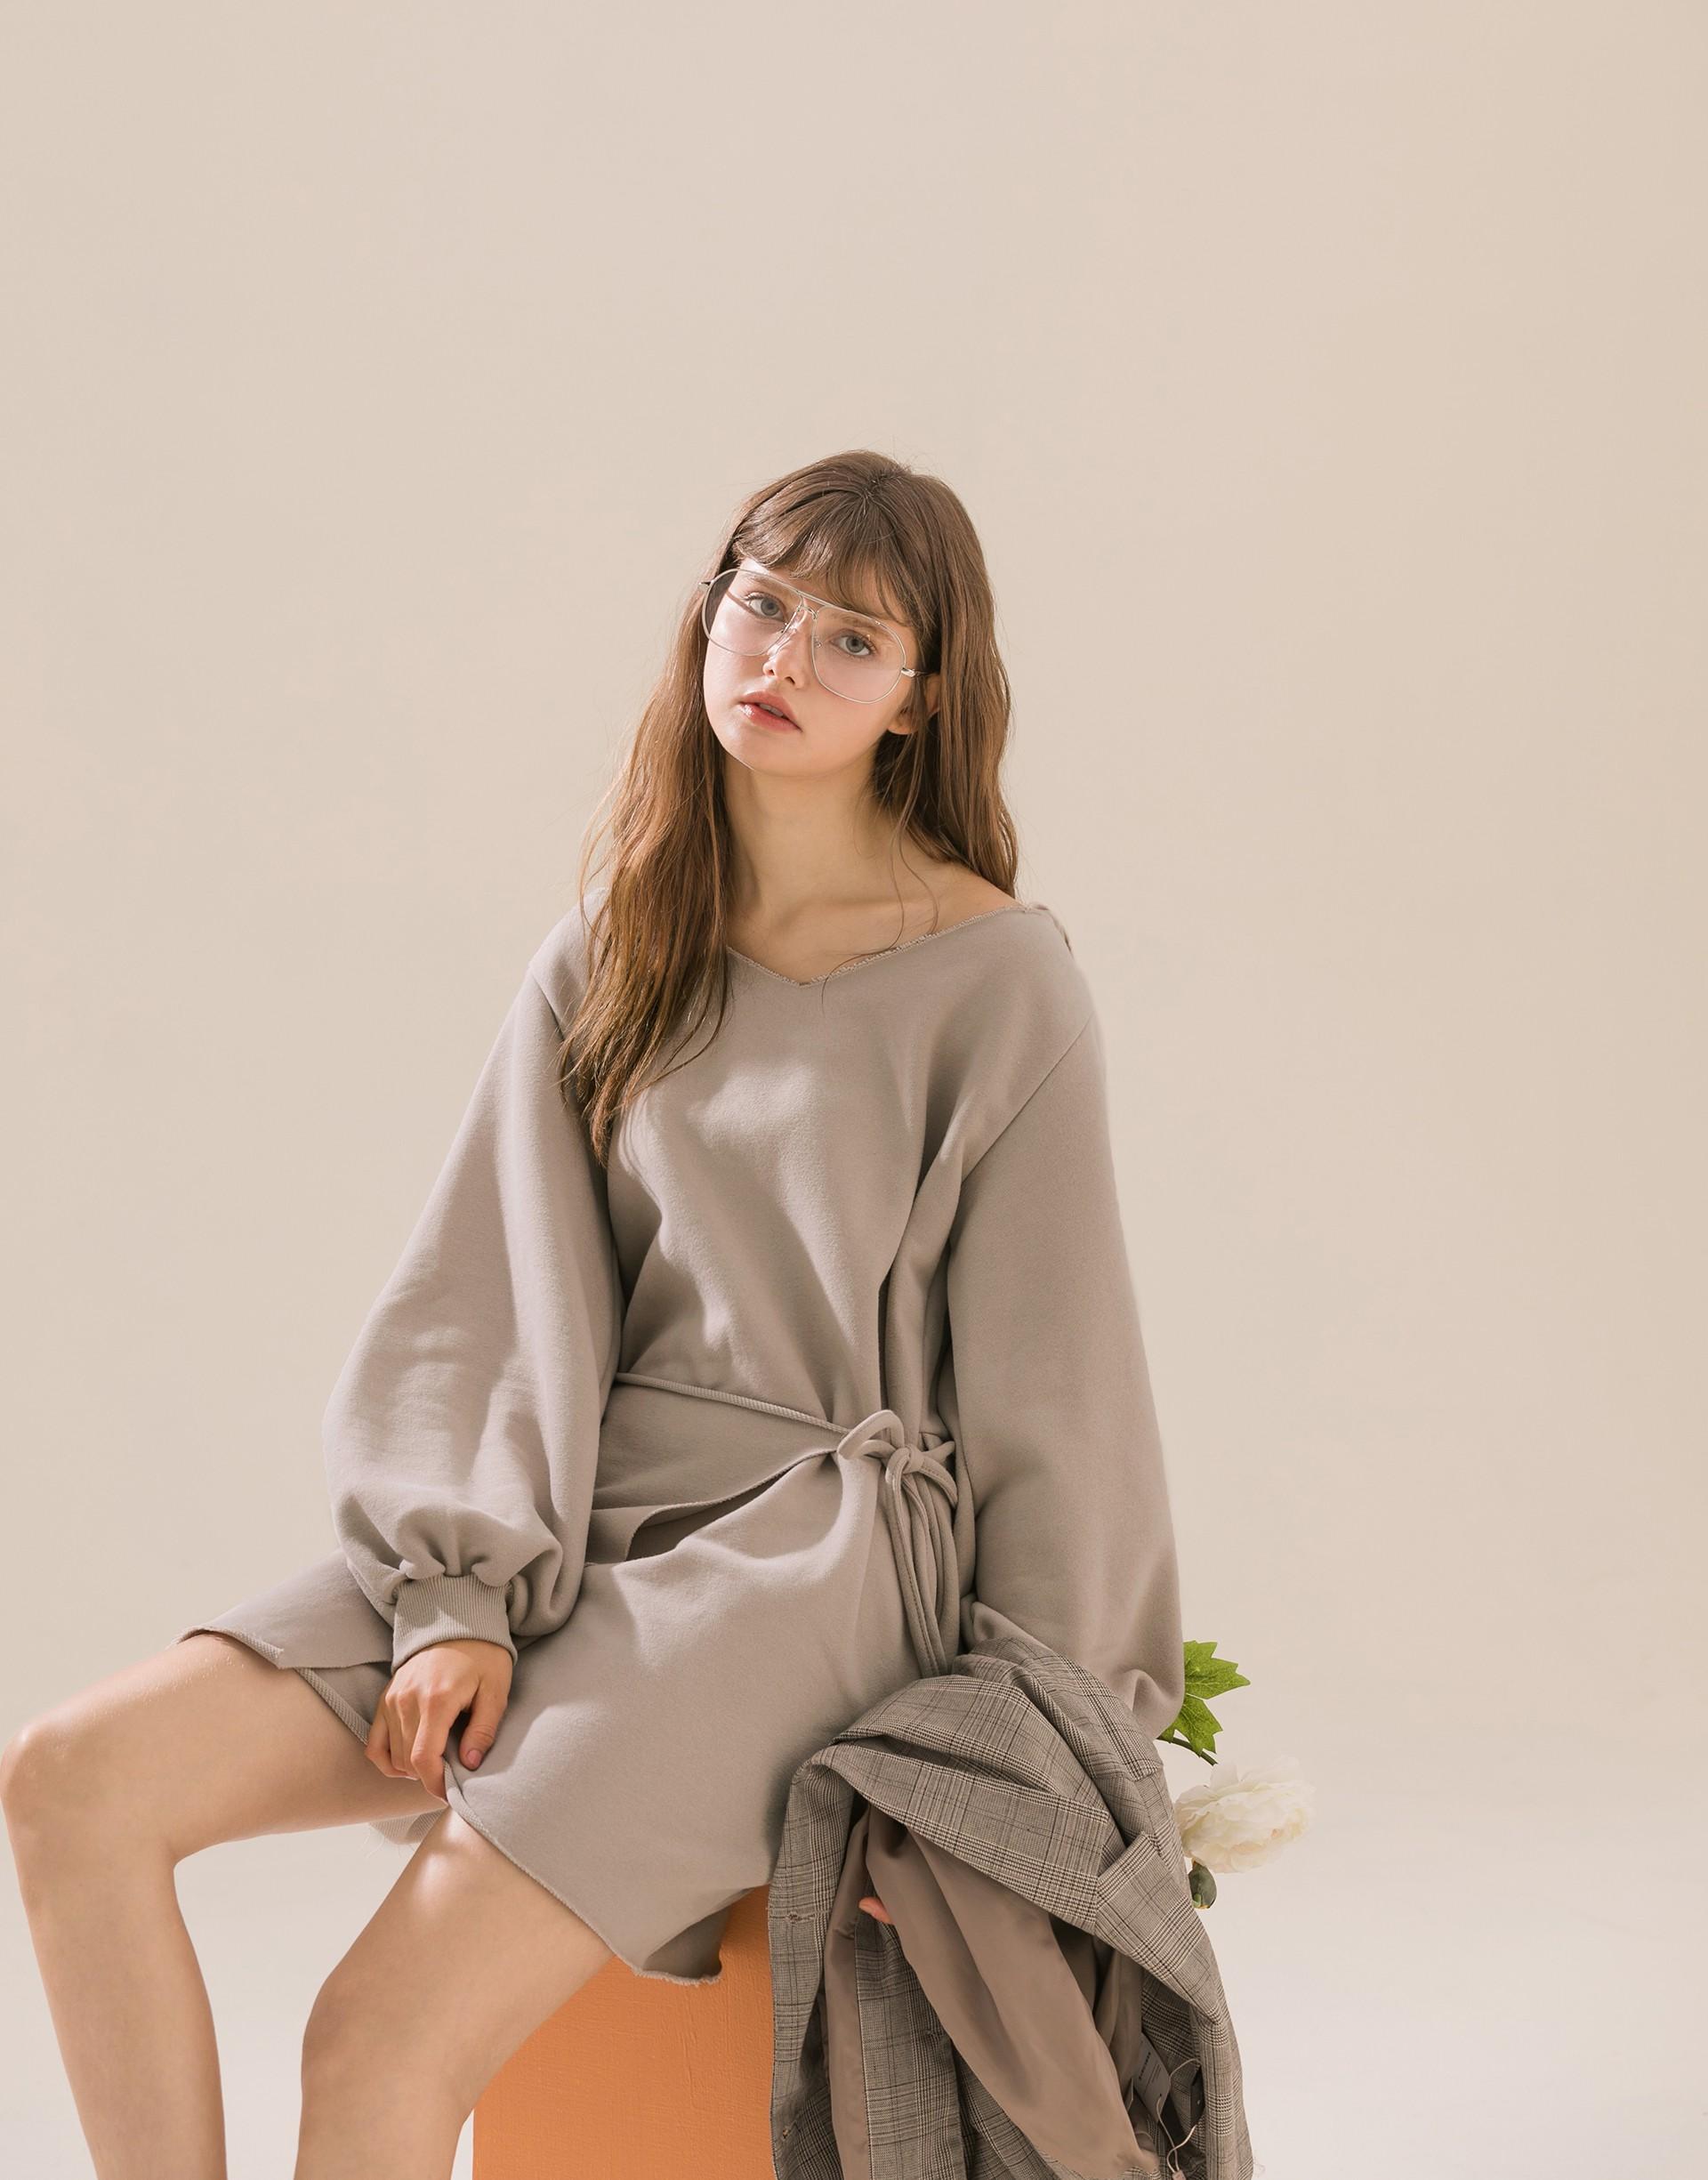 台灣製造/ PAZZO自訂開發布料 /親膚柔棉/連帽造型/不修邊設計/腰間附有鬆緊綁帶